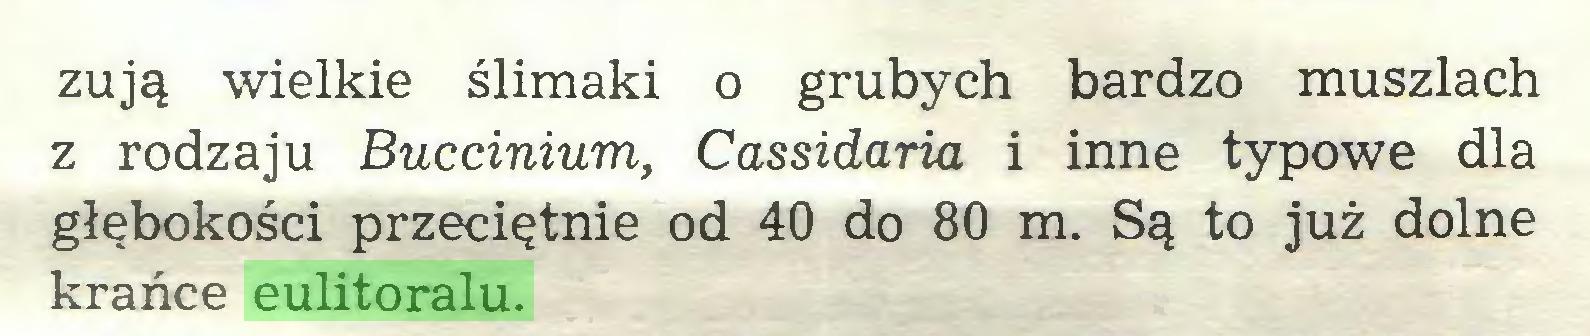 (...) żują wielkie ślimaki o grubych bardzo muszlach z rodzaju Buccinium, Cassidaria i inne typowe dla głębokości przeciętnie od 40 do 80 m. Są to już dolne krańce eulitoralu...